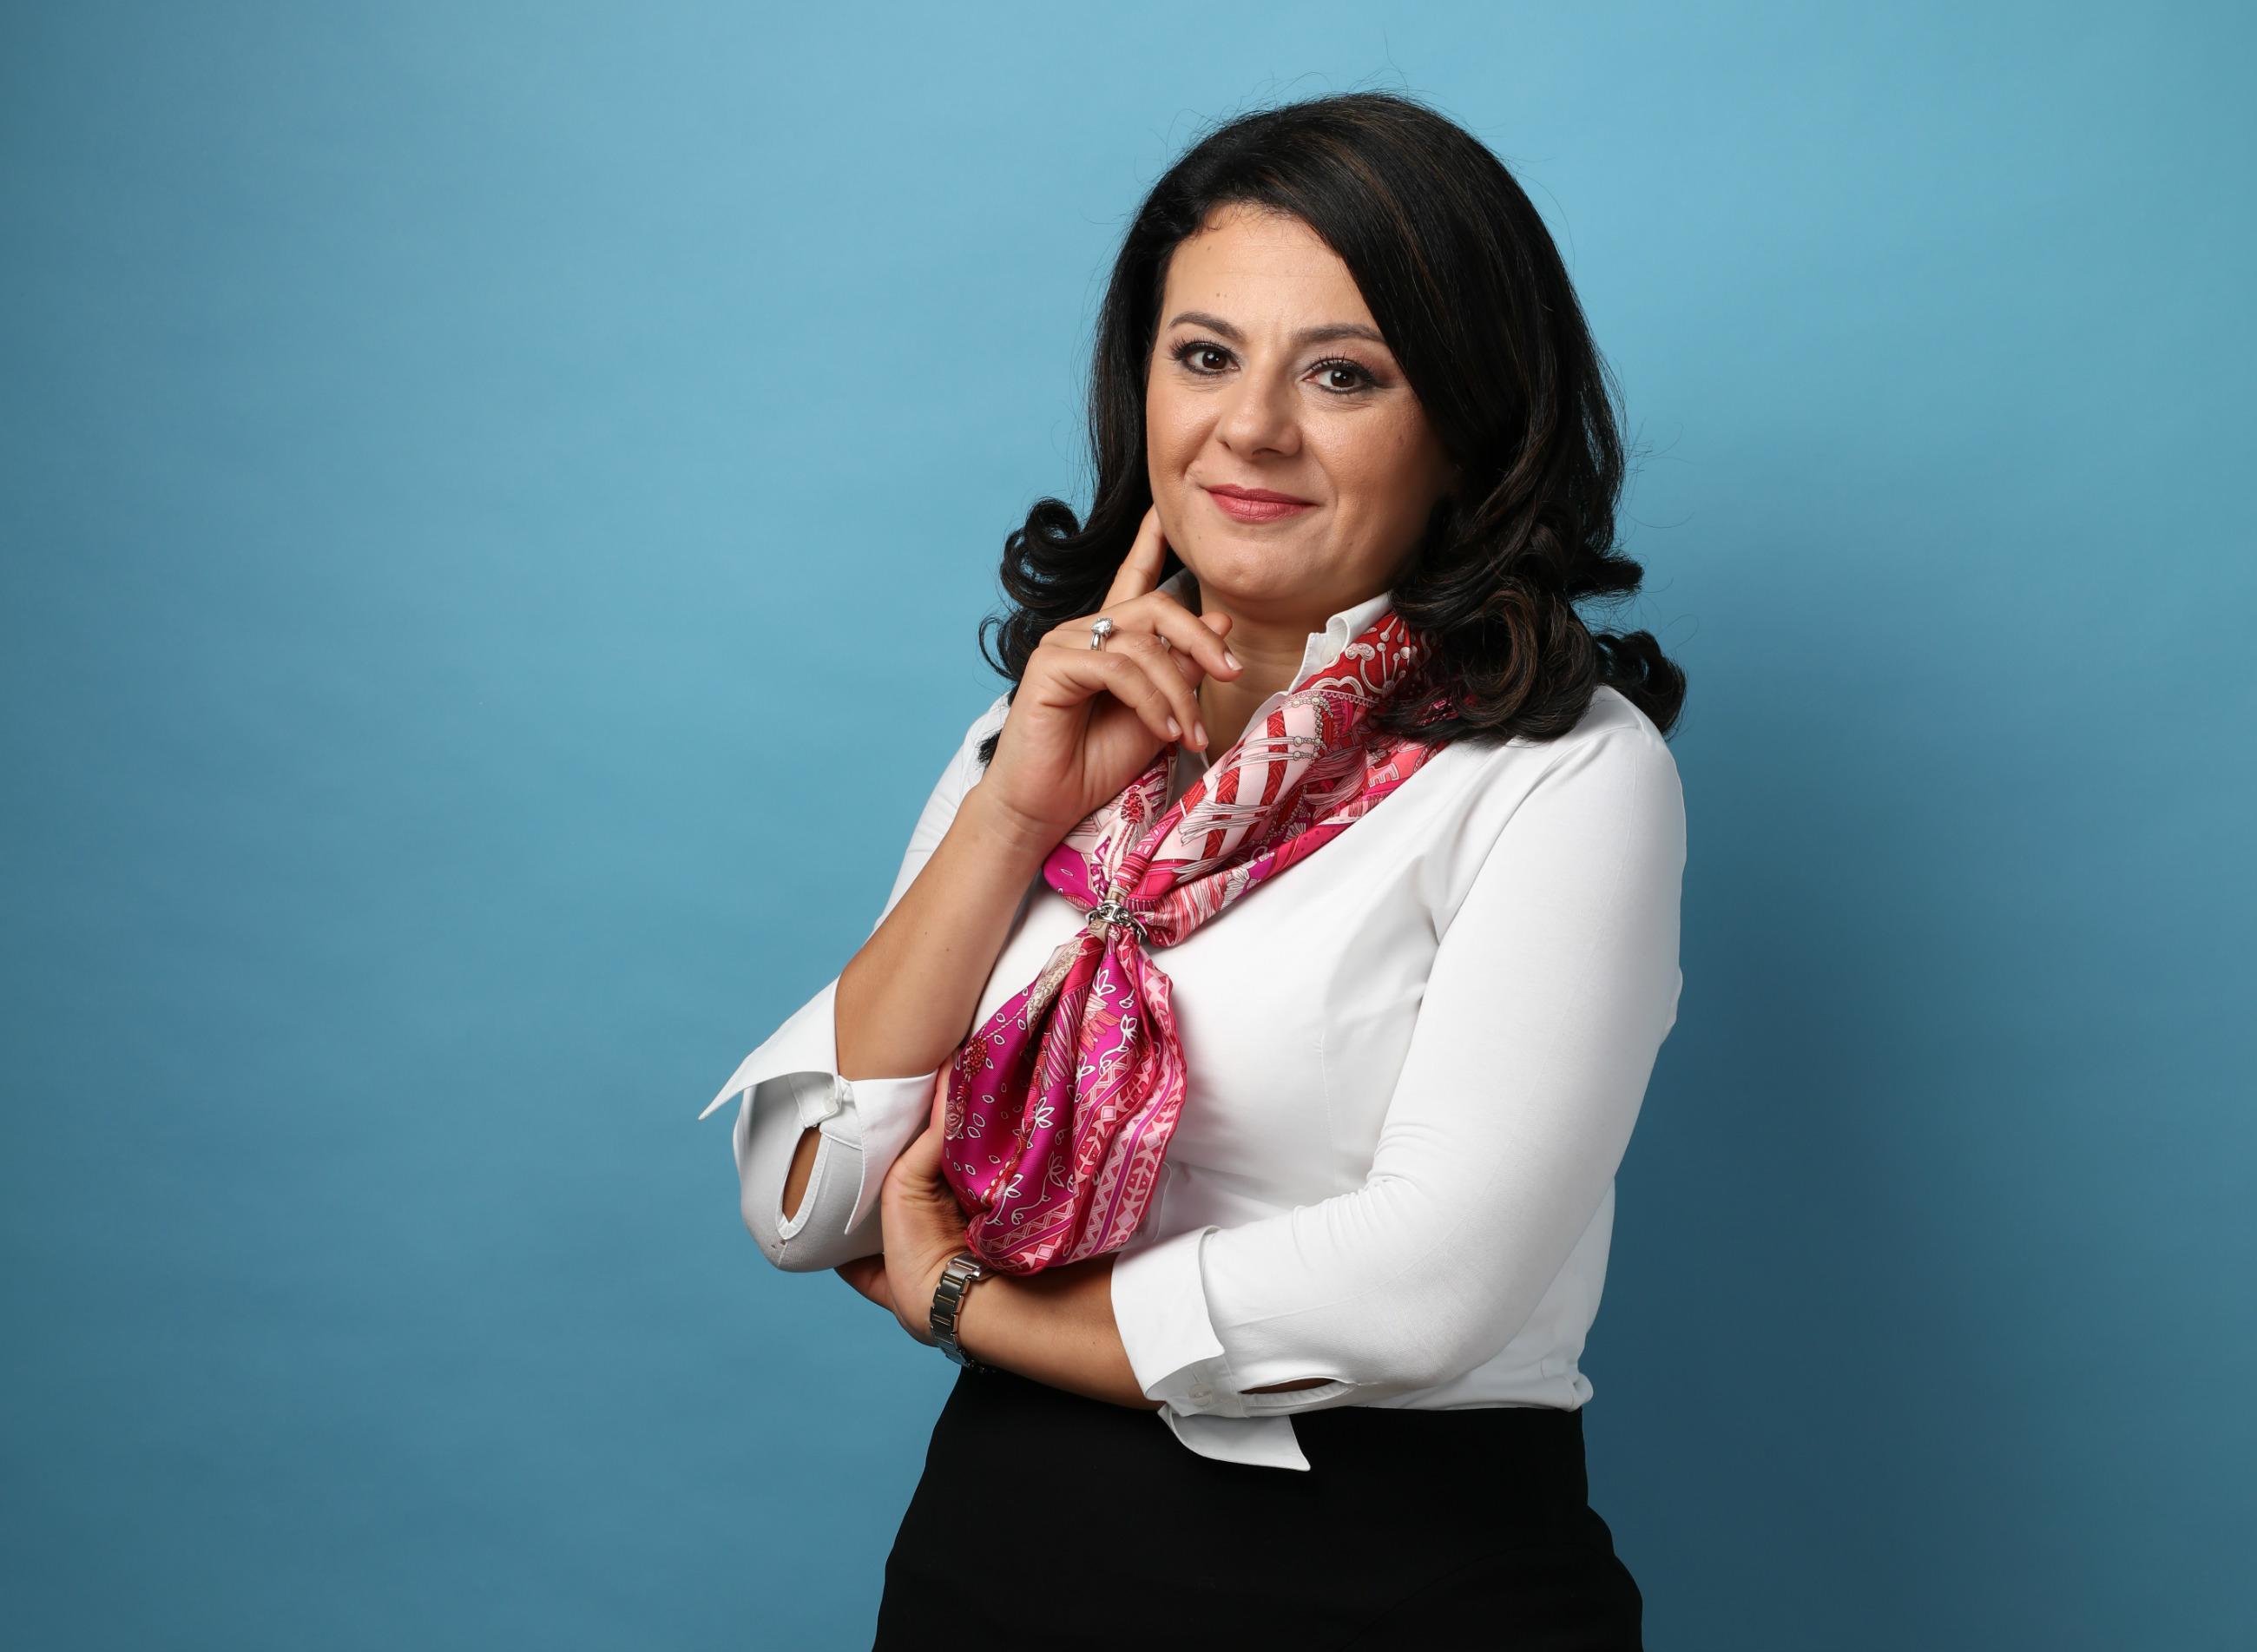 """Andreea Voinea, BCR: """"În recrutare, păstrăm un focus pe ariile de Retail, IT şi programele pentru tineri"""""""